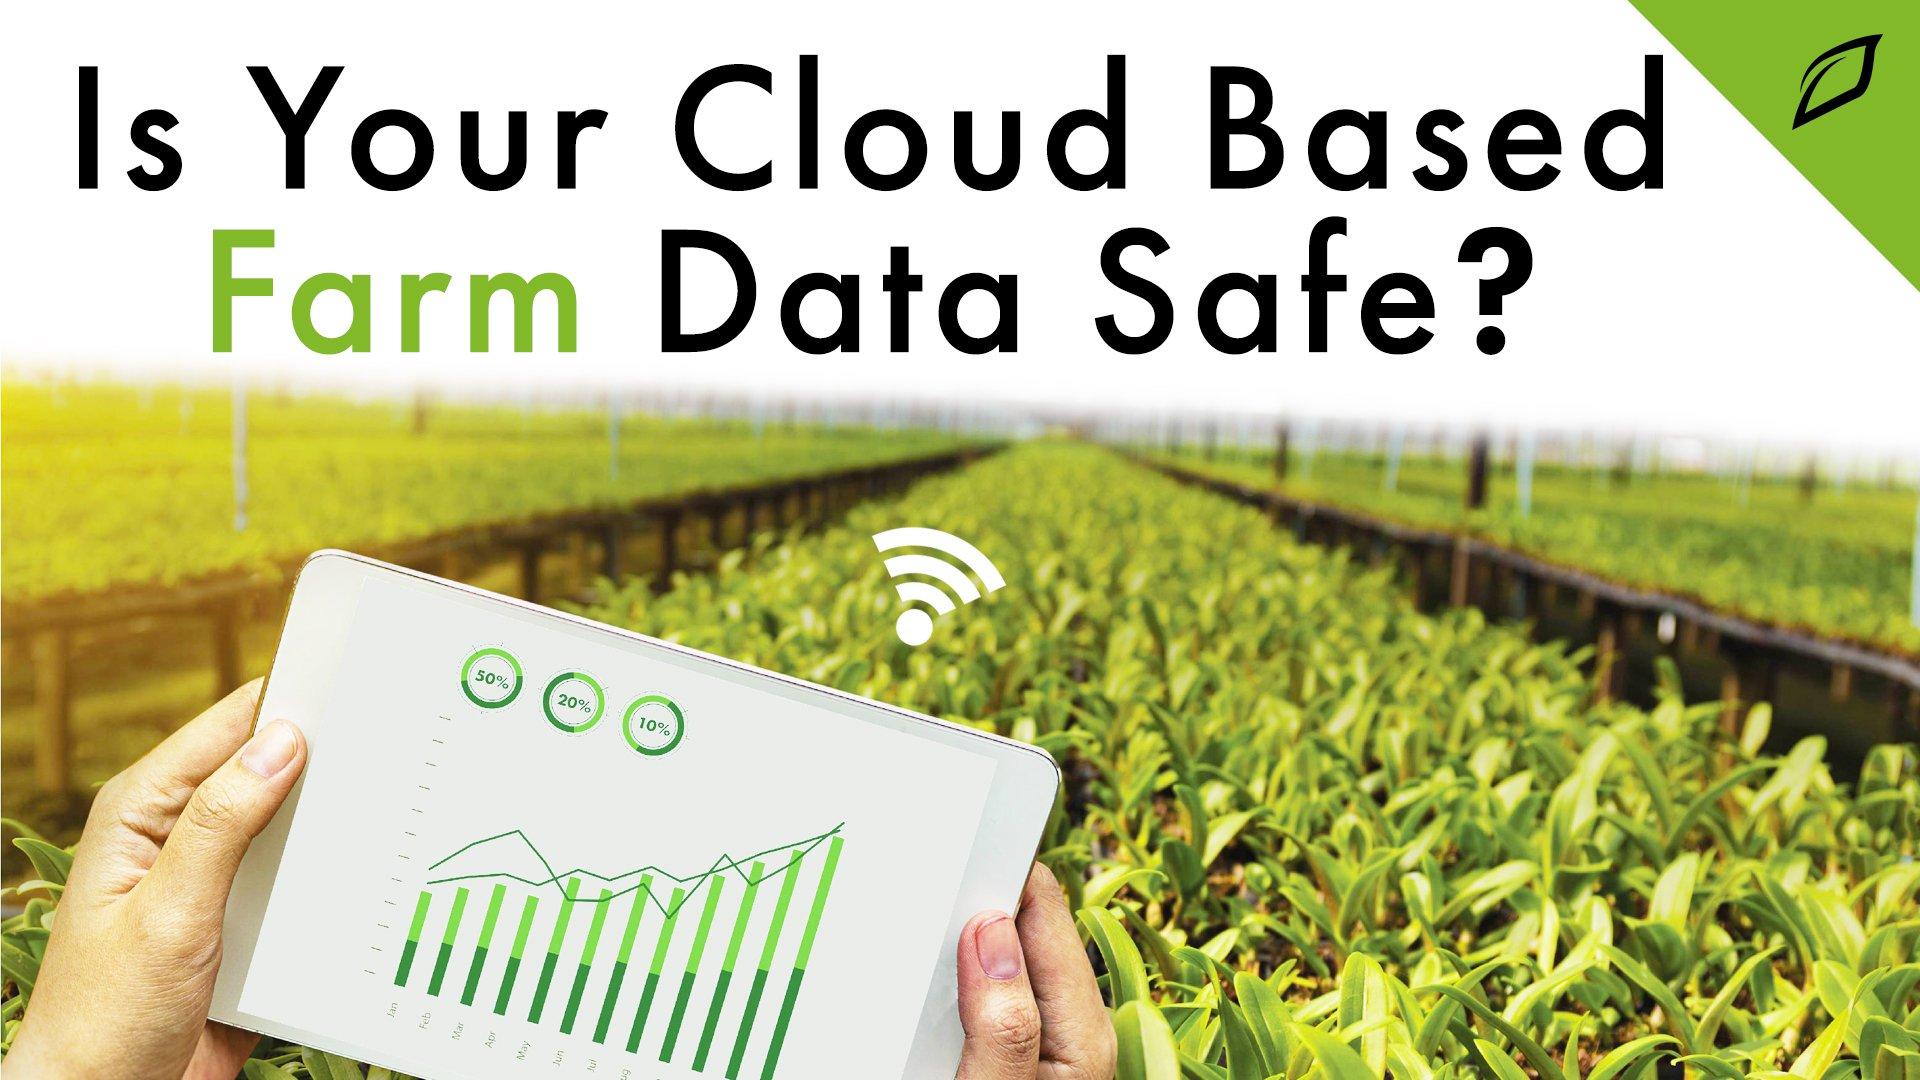 Farm Data Safe Blog 16x9